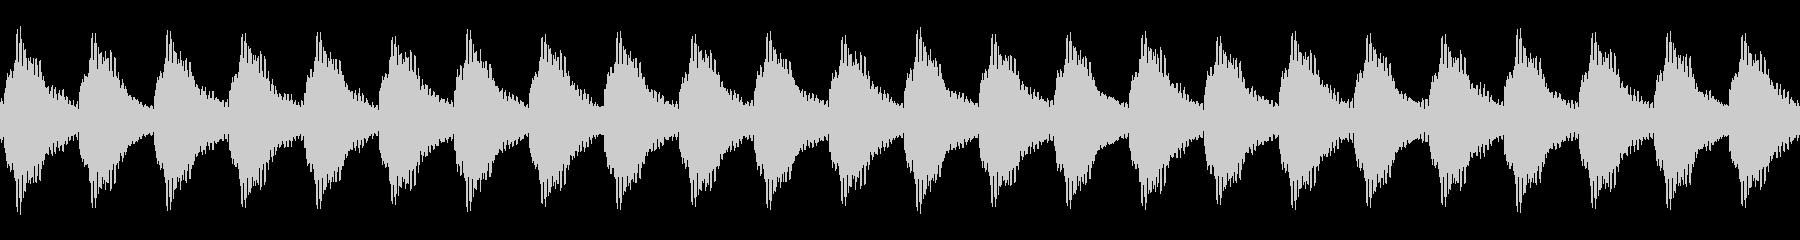 踏切の音01(カンカンカンカン)ループの未再生の波形